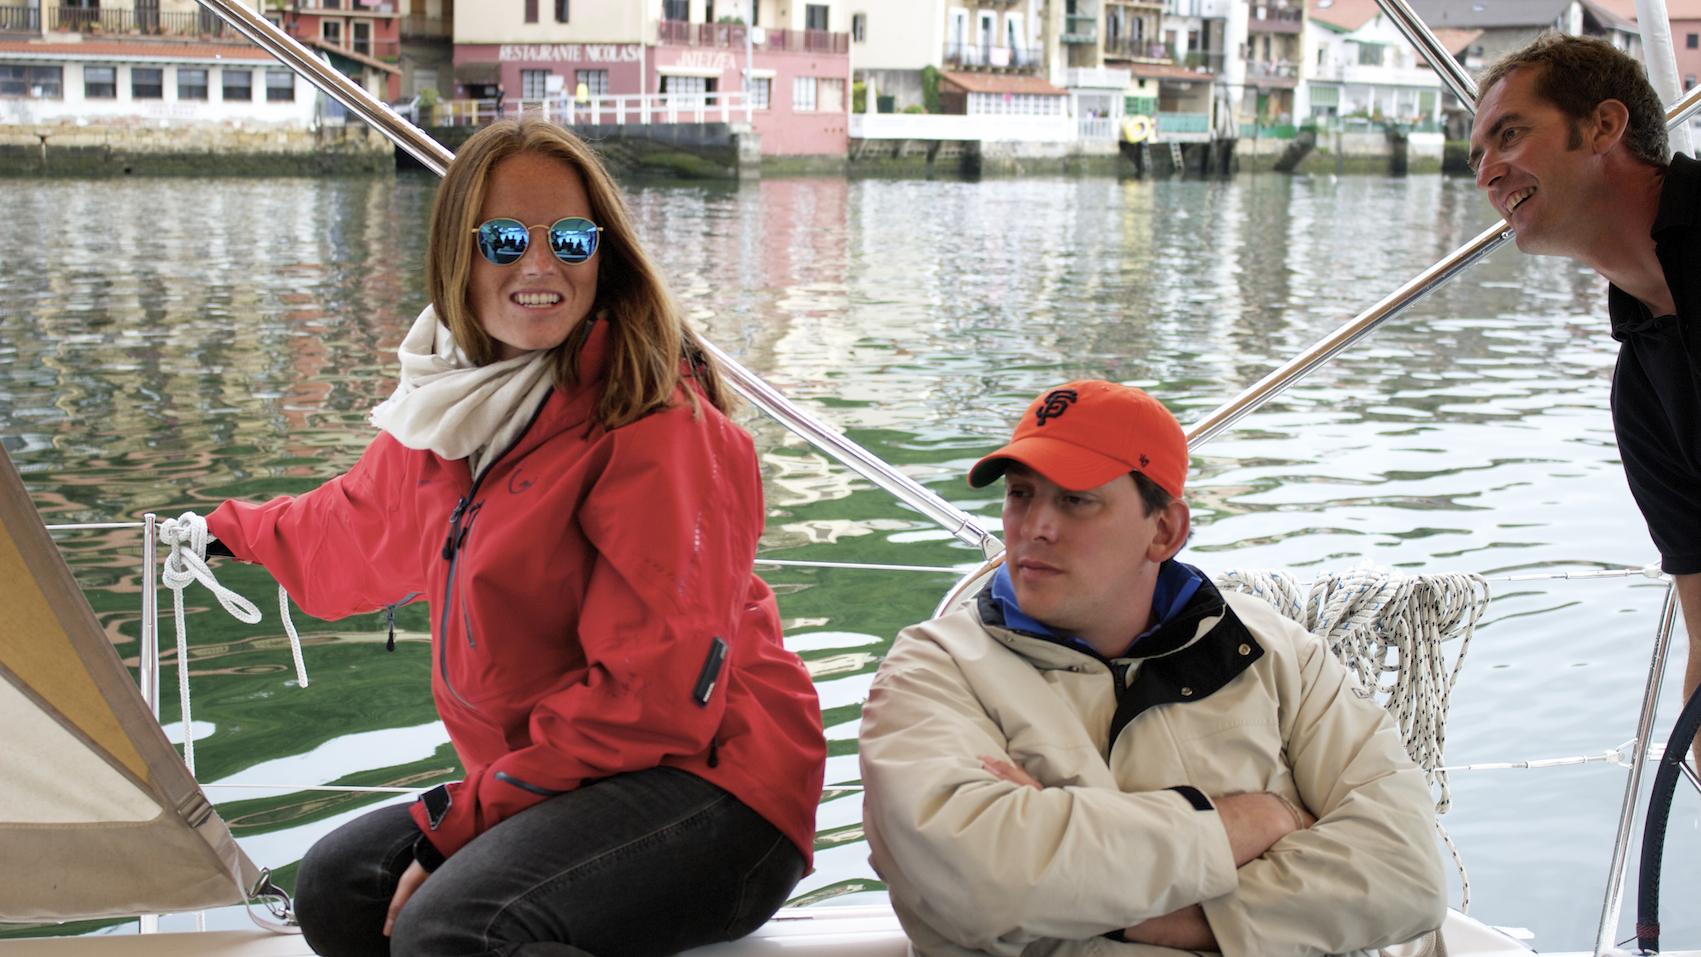 Semana-Grande-Feux-artifices-San-Sebastian-Le-cercle-evenements-agence-voyage-pays-basque-5